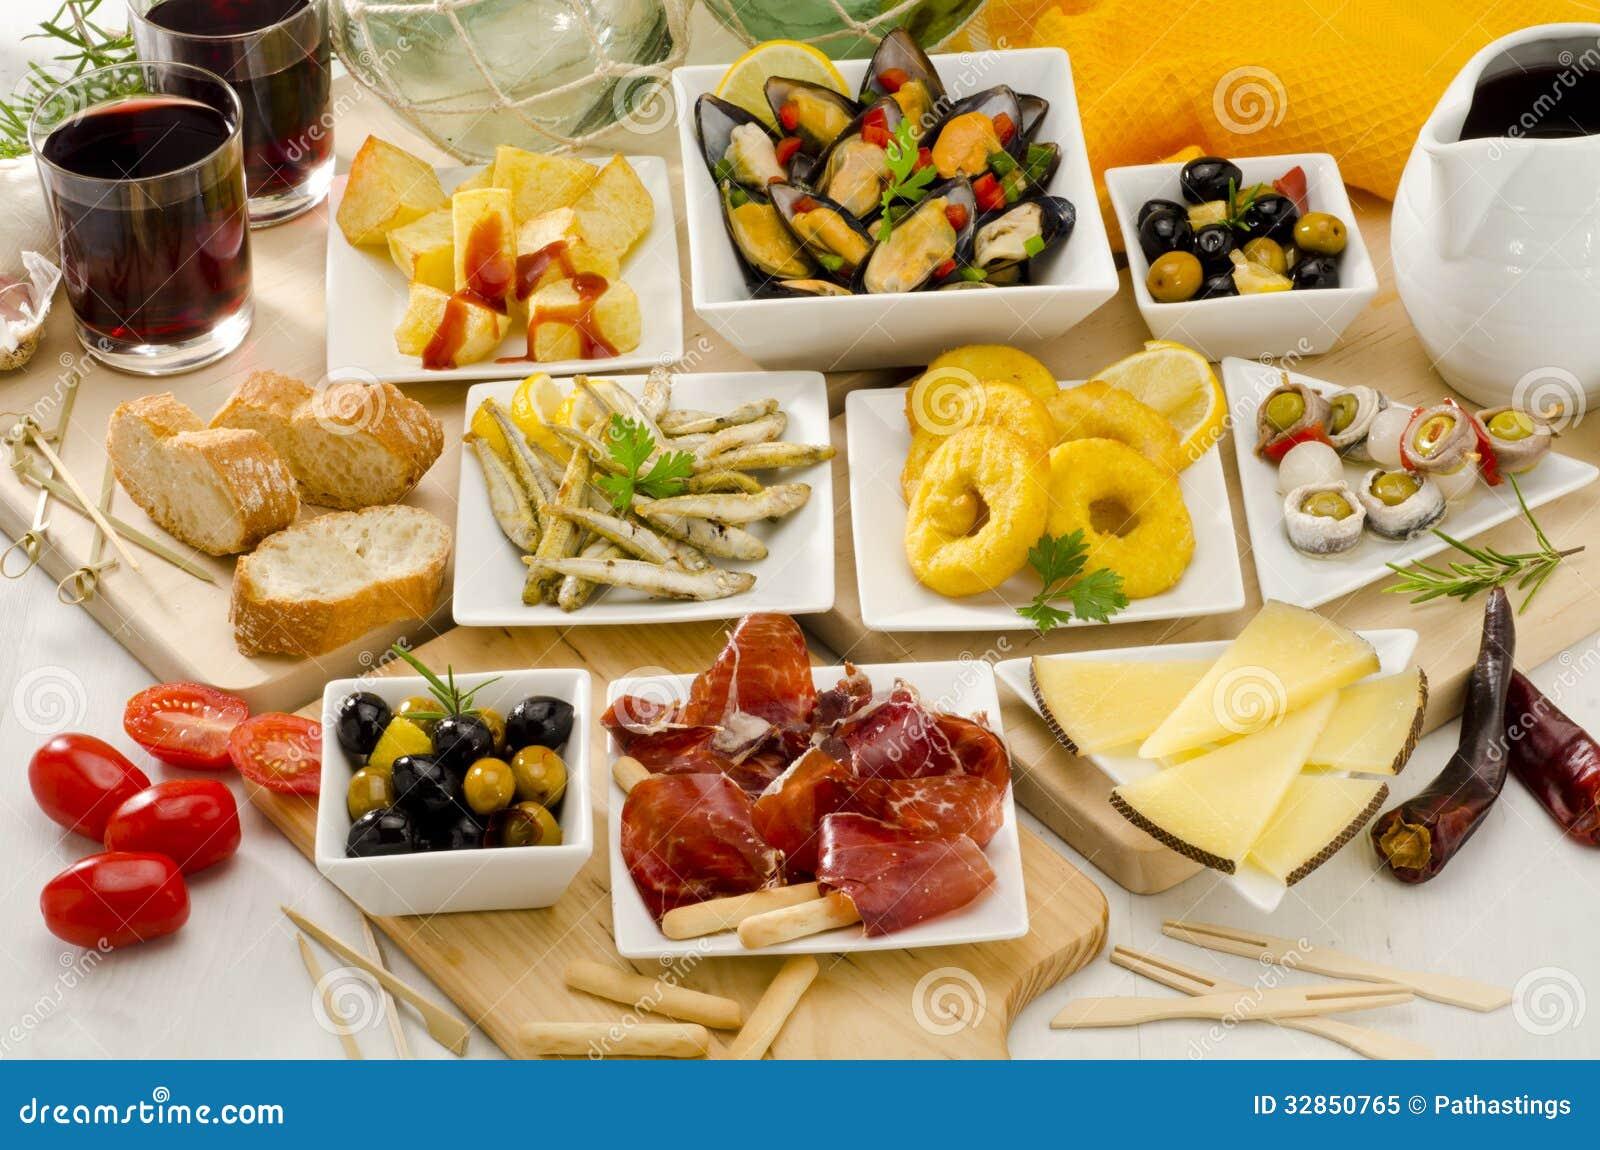 Cuisine espagnole vari t de tapas des plats blancs - Cuisine espagnole tapas ...